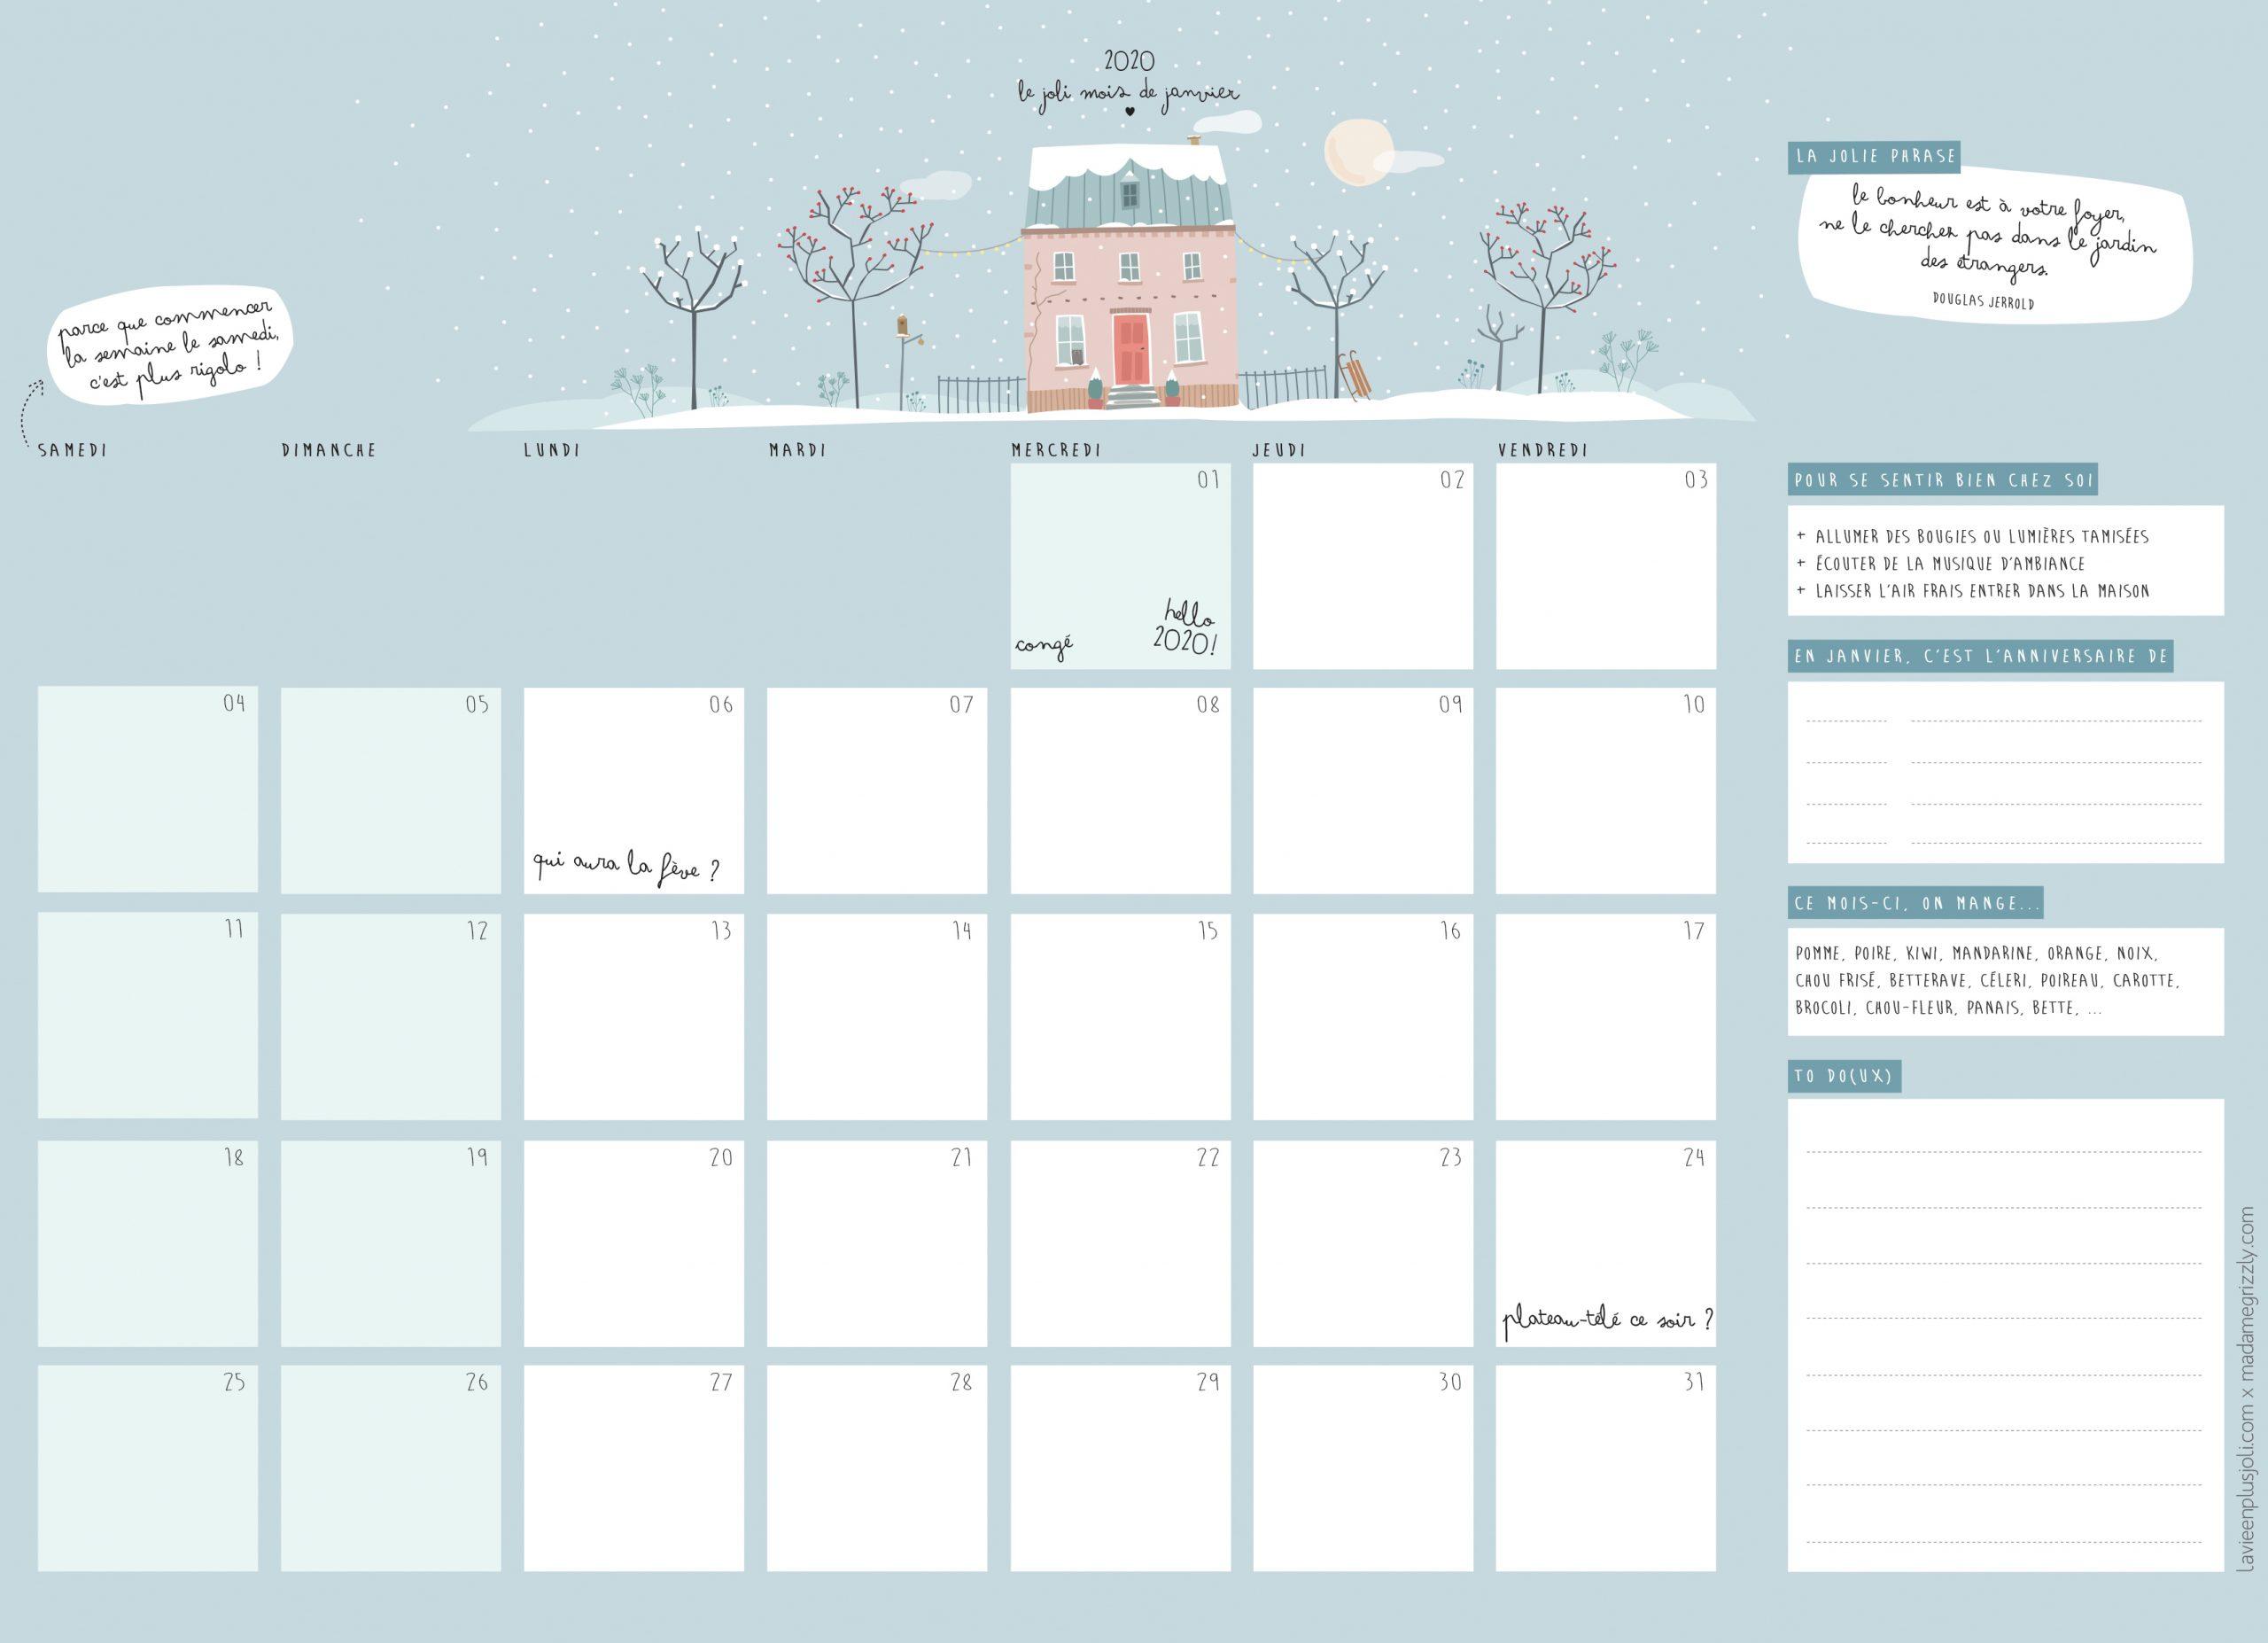 Calendrier Du Mois De Janvier 2020 À Imprimer – La Vie En intérieur Calendrier Des Anniversaires À Imprimer